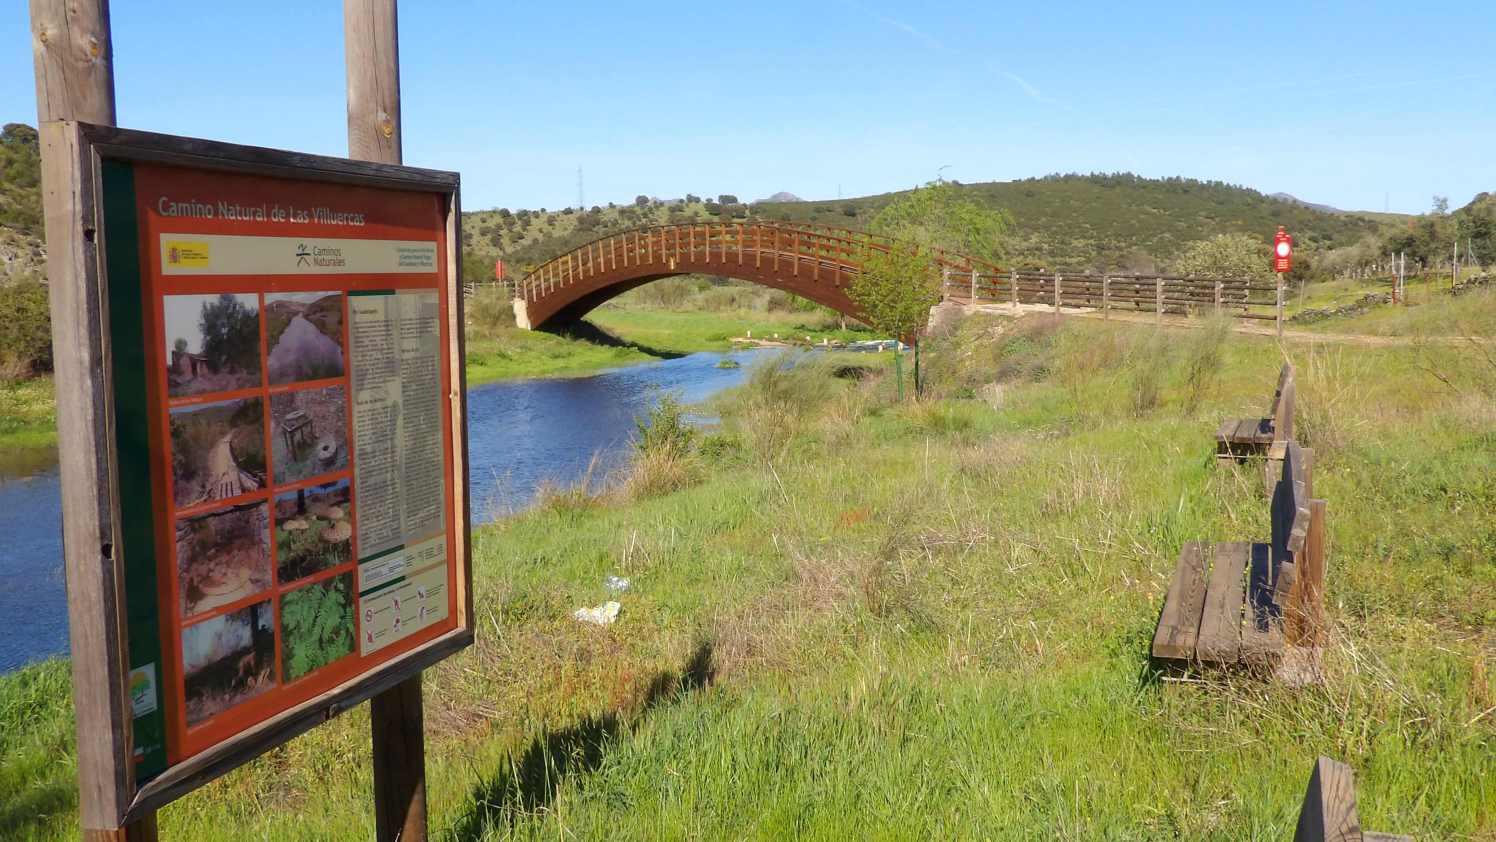 camino natural de las villuercas, puente sobre el río guadalupejo